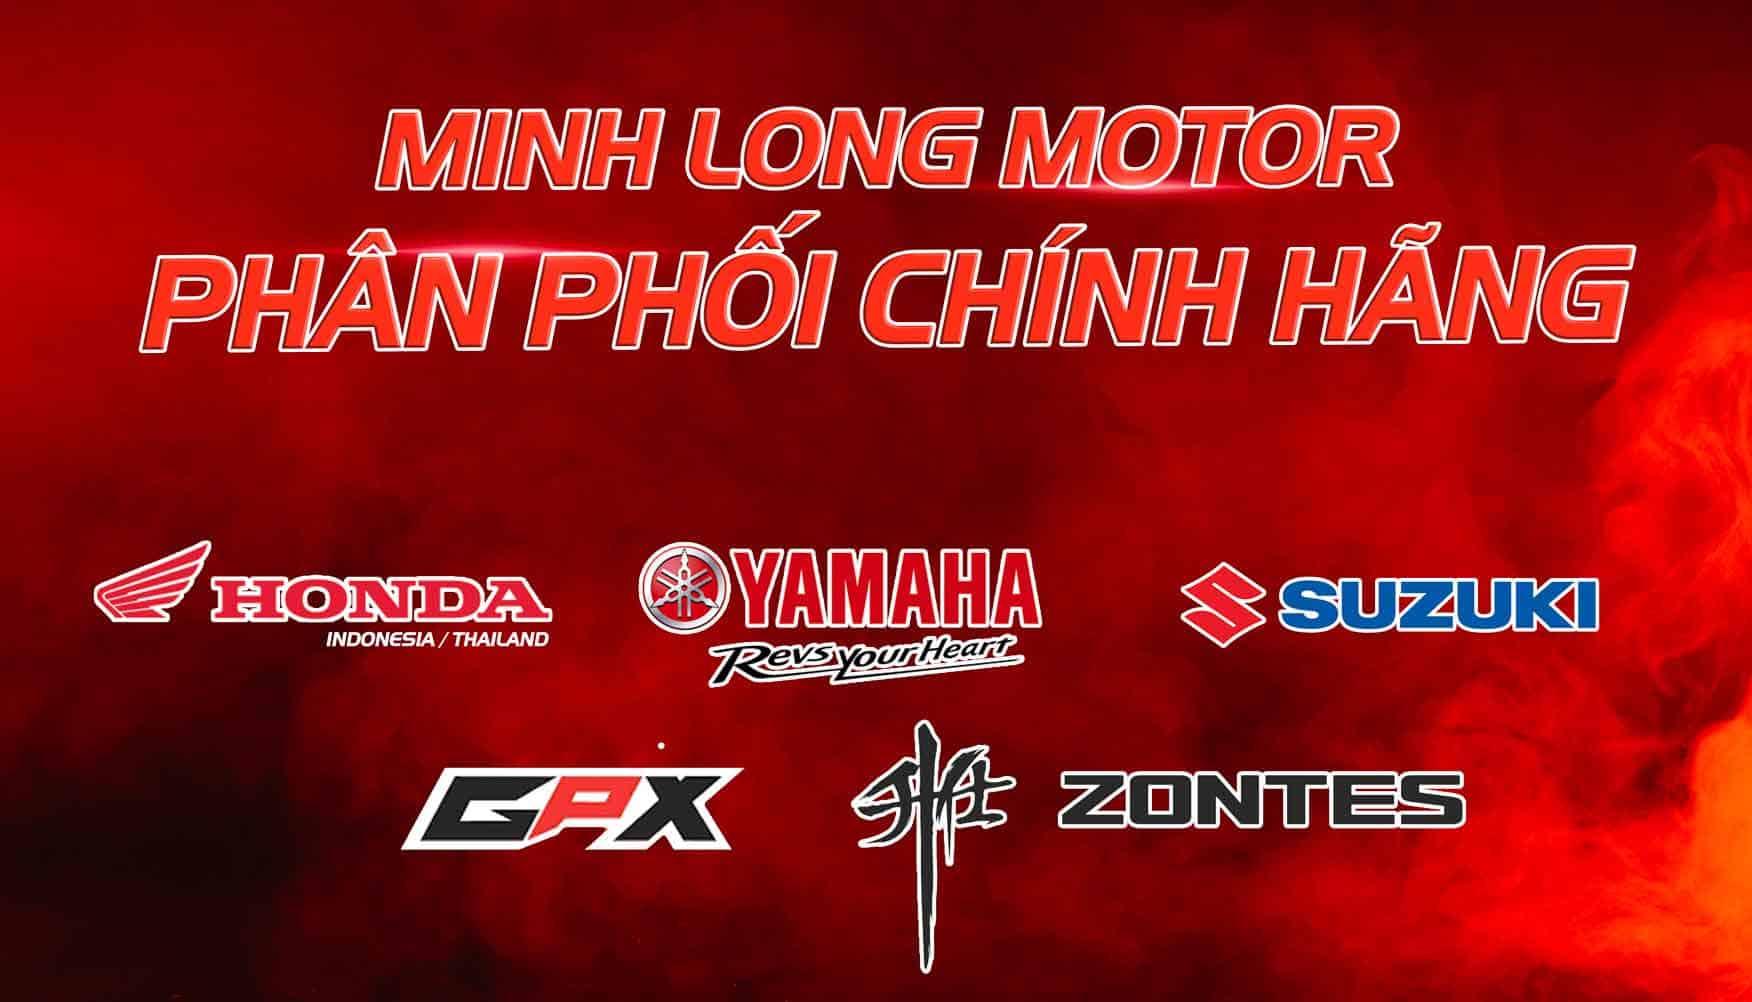 giới thiệu về Minh Long Motor